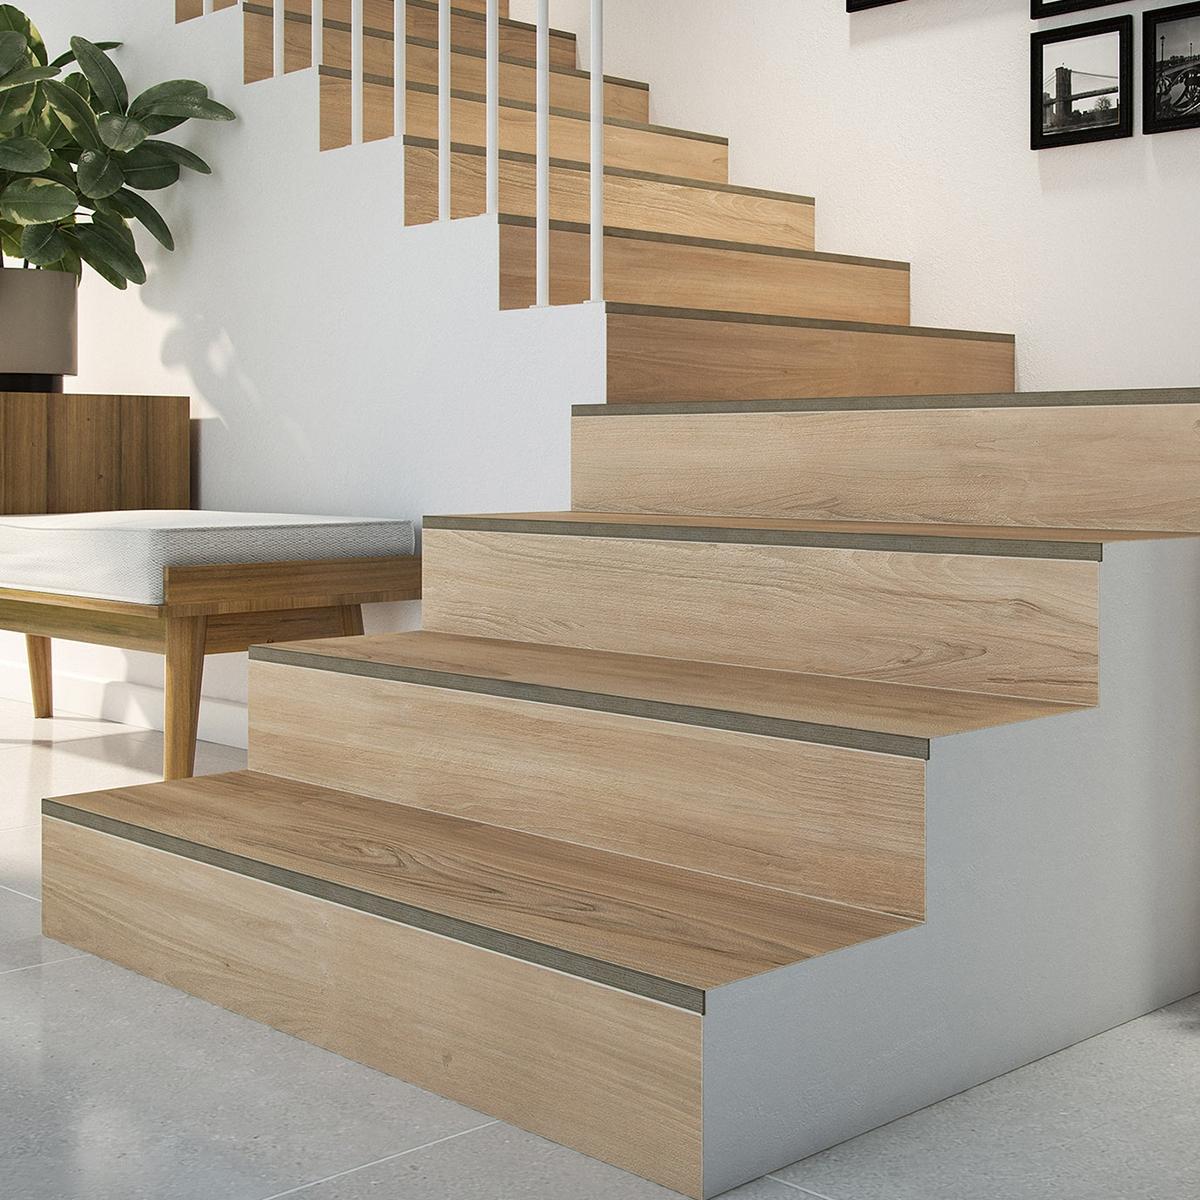 Perfil universal integrado en baldosa para escaleras